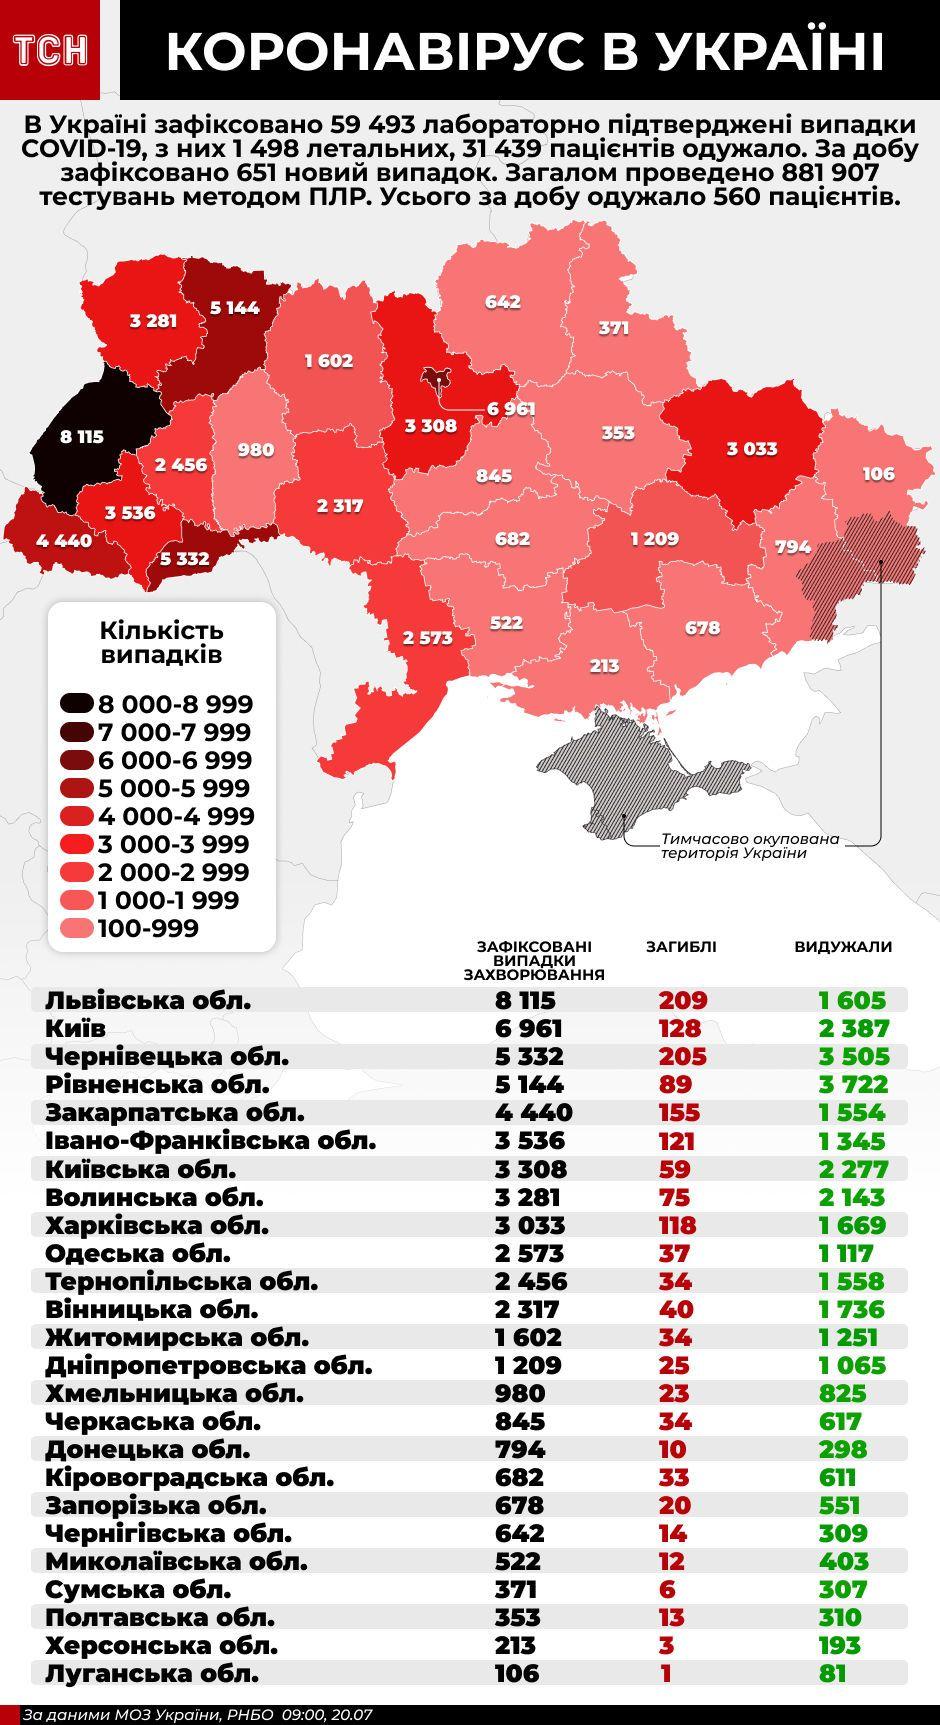 Коронавірус в Україні - інфографіка станом на 20 липня